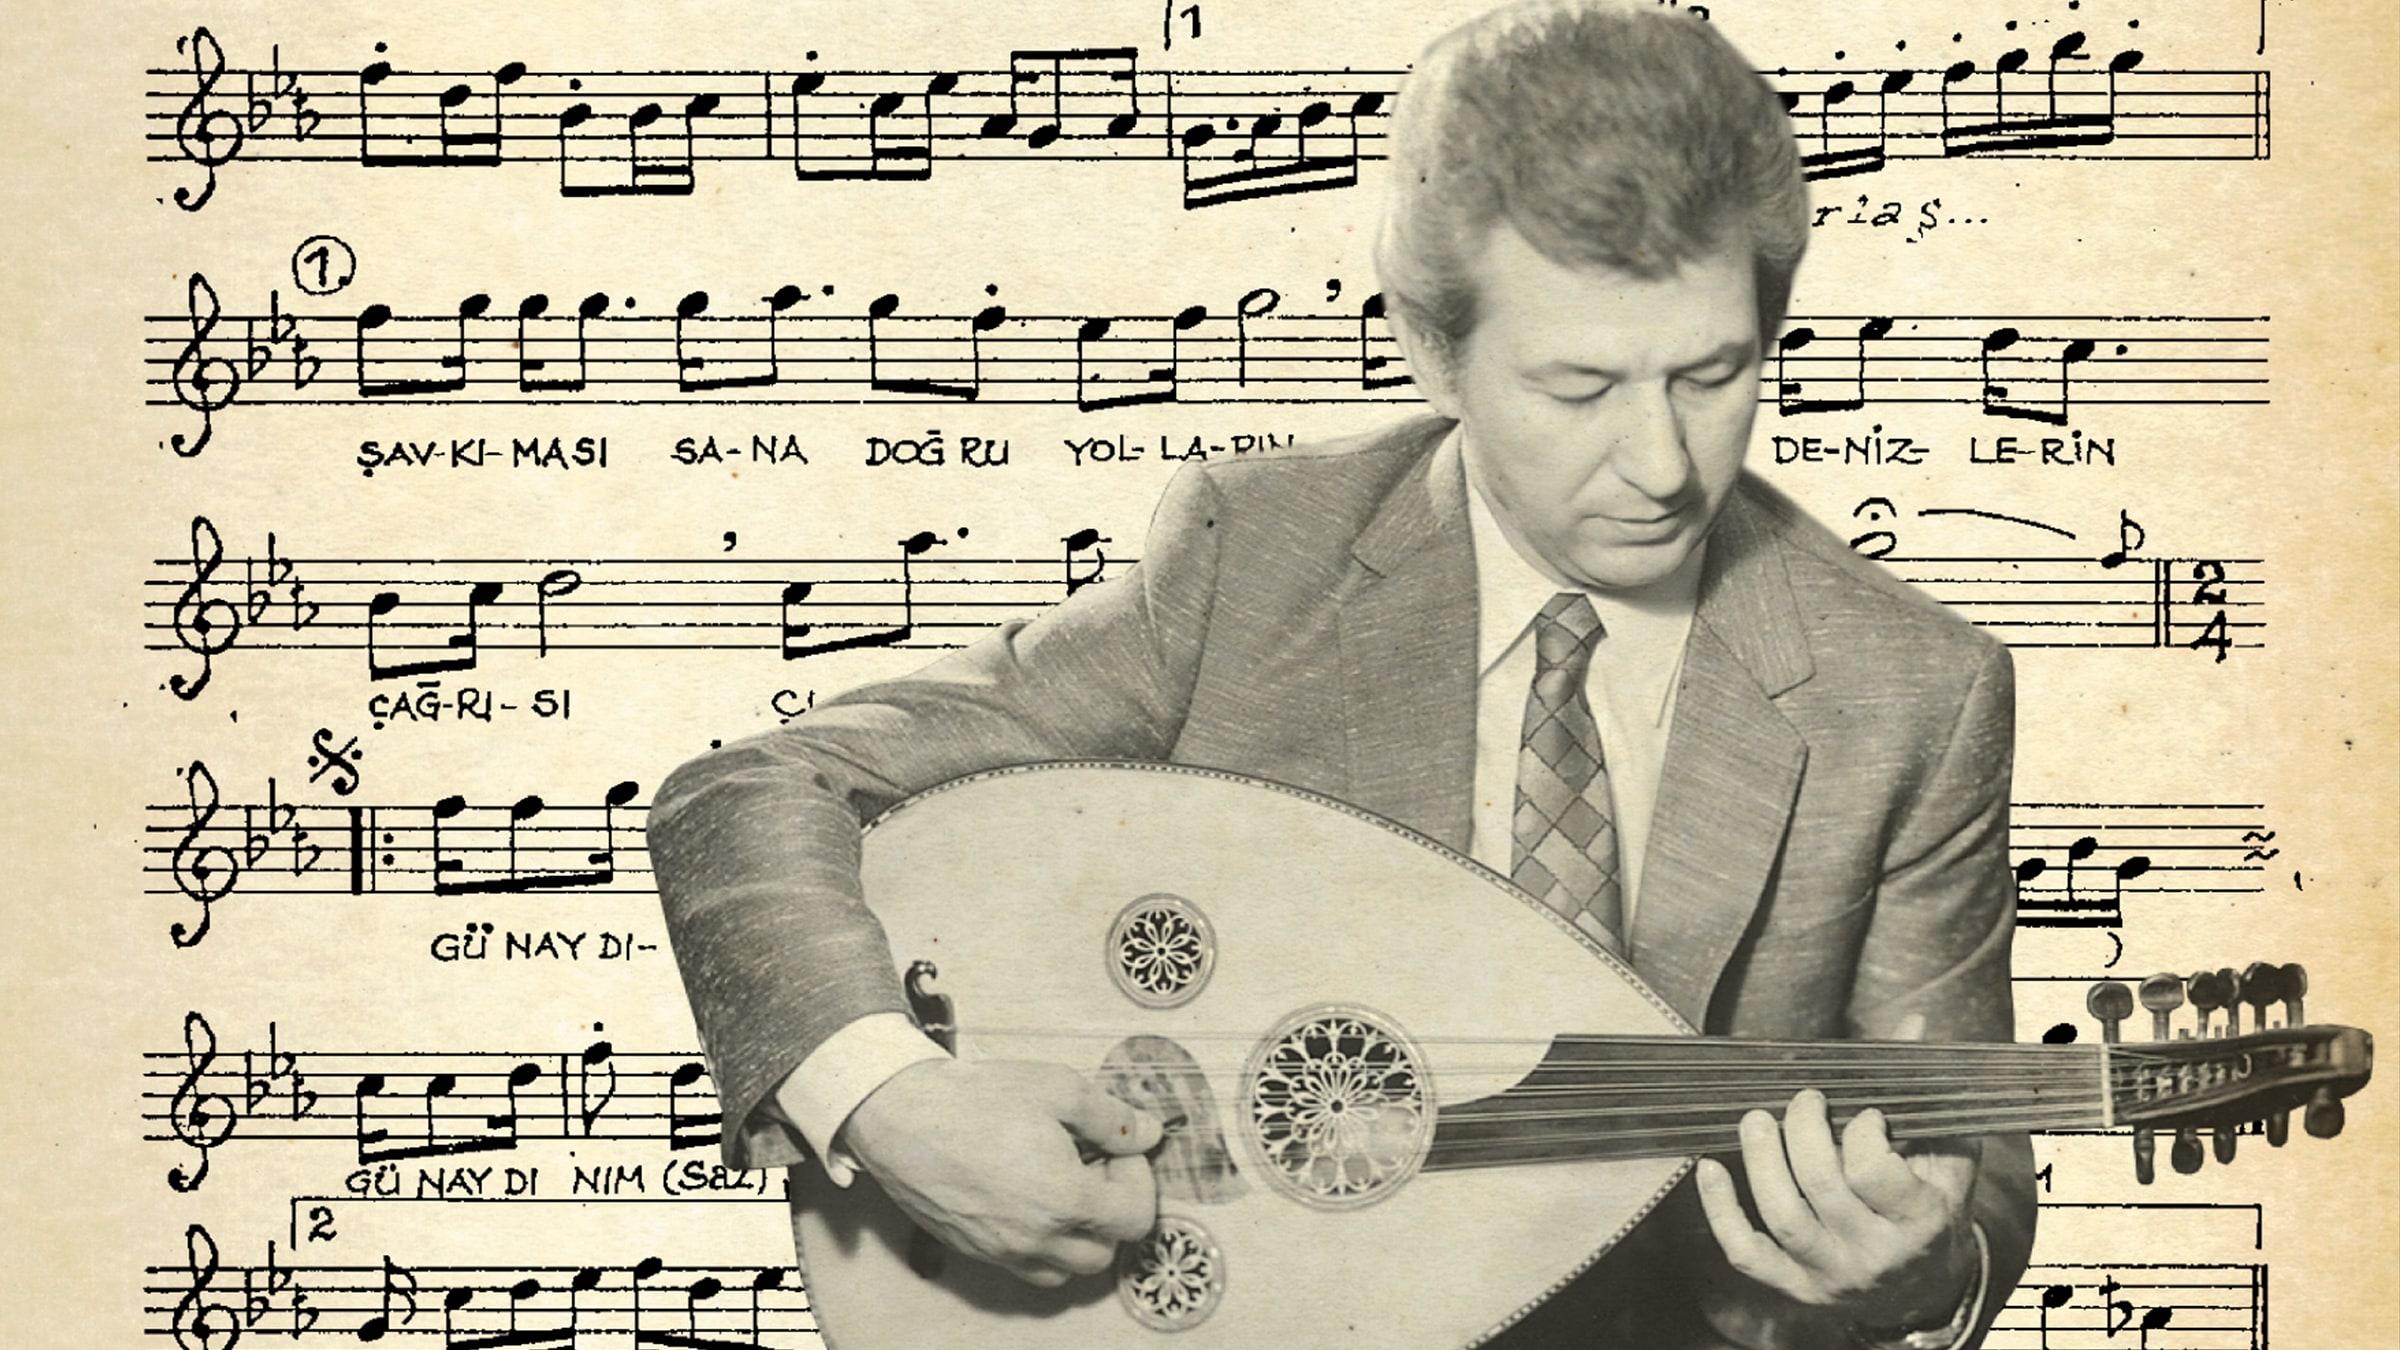 Türk Müziği Konserleri<br>Cinuçen Tanrıkorur